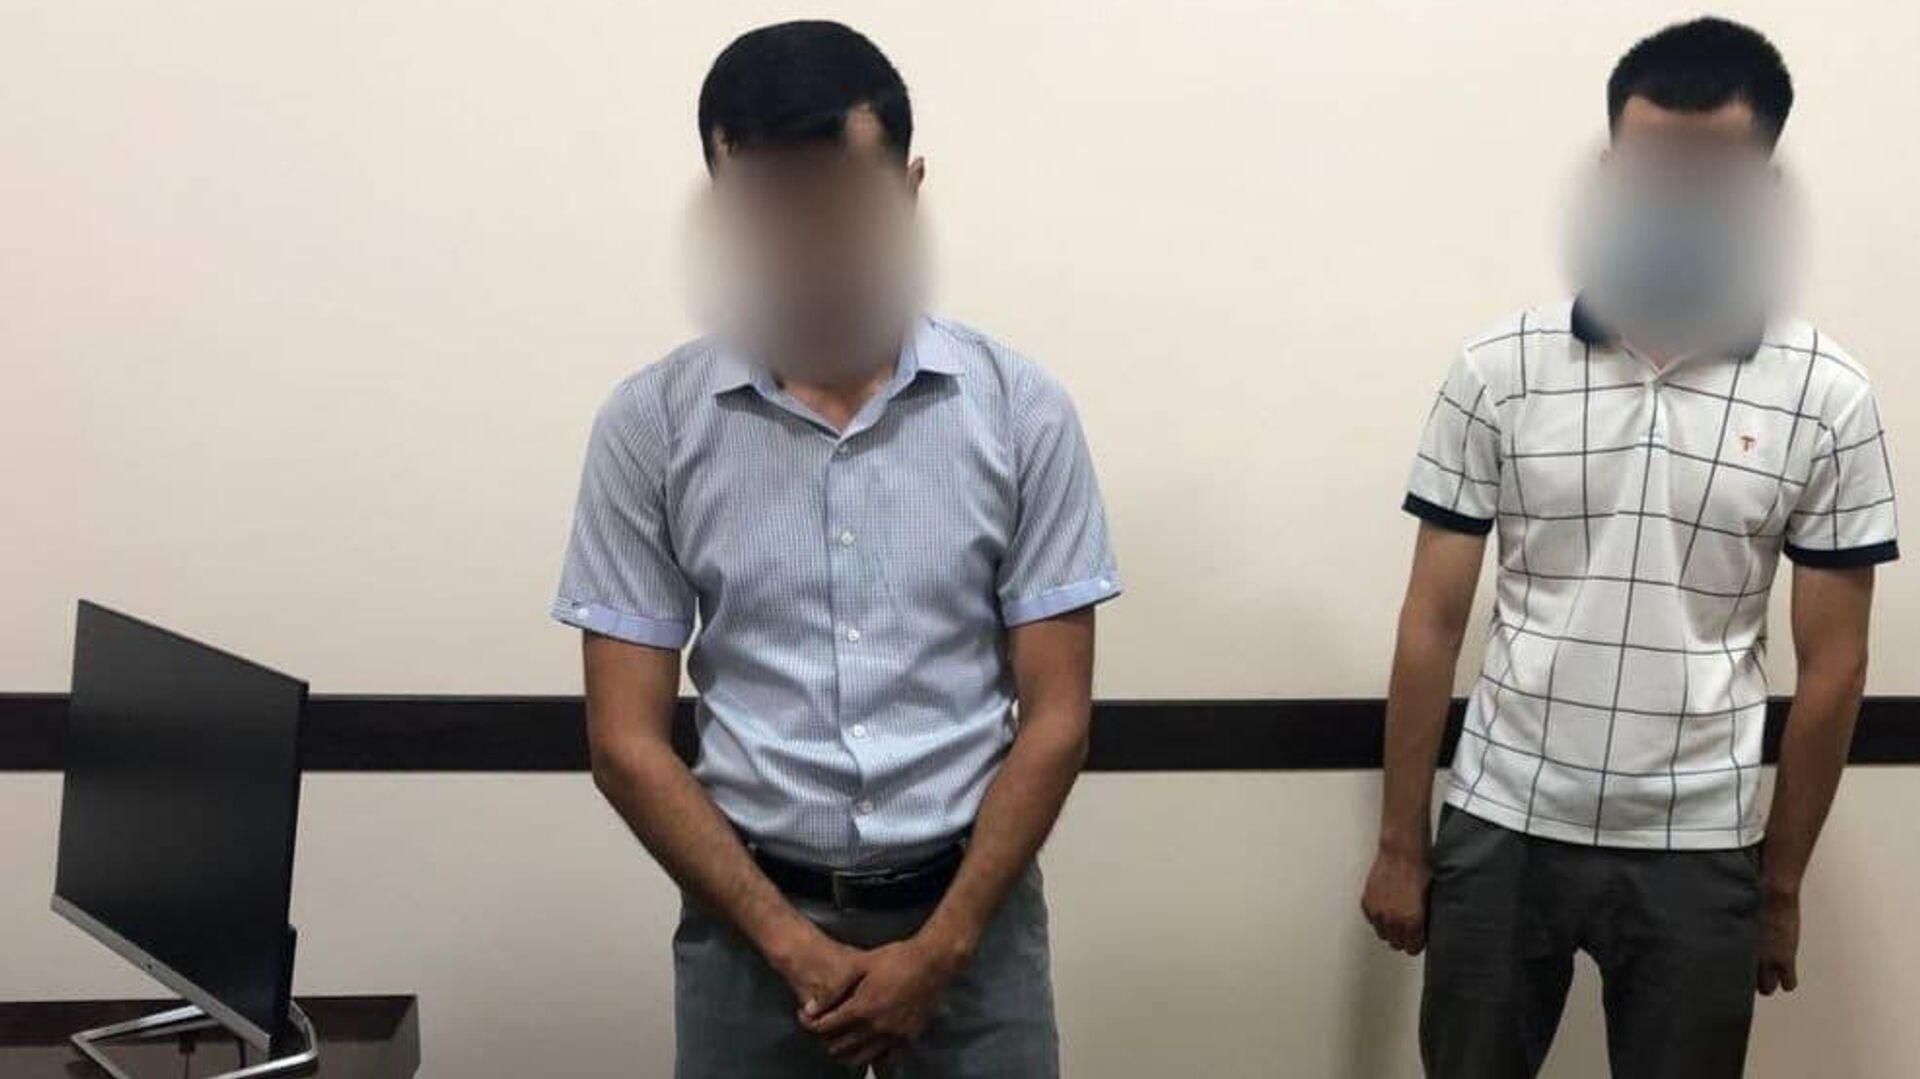 Преподаватель Бухарского госуниверситета попался на взятки в 2,5 тыс долларов - Sputnik Узбекистан, 1920, 14.07.2021